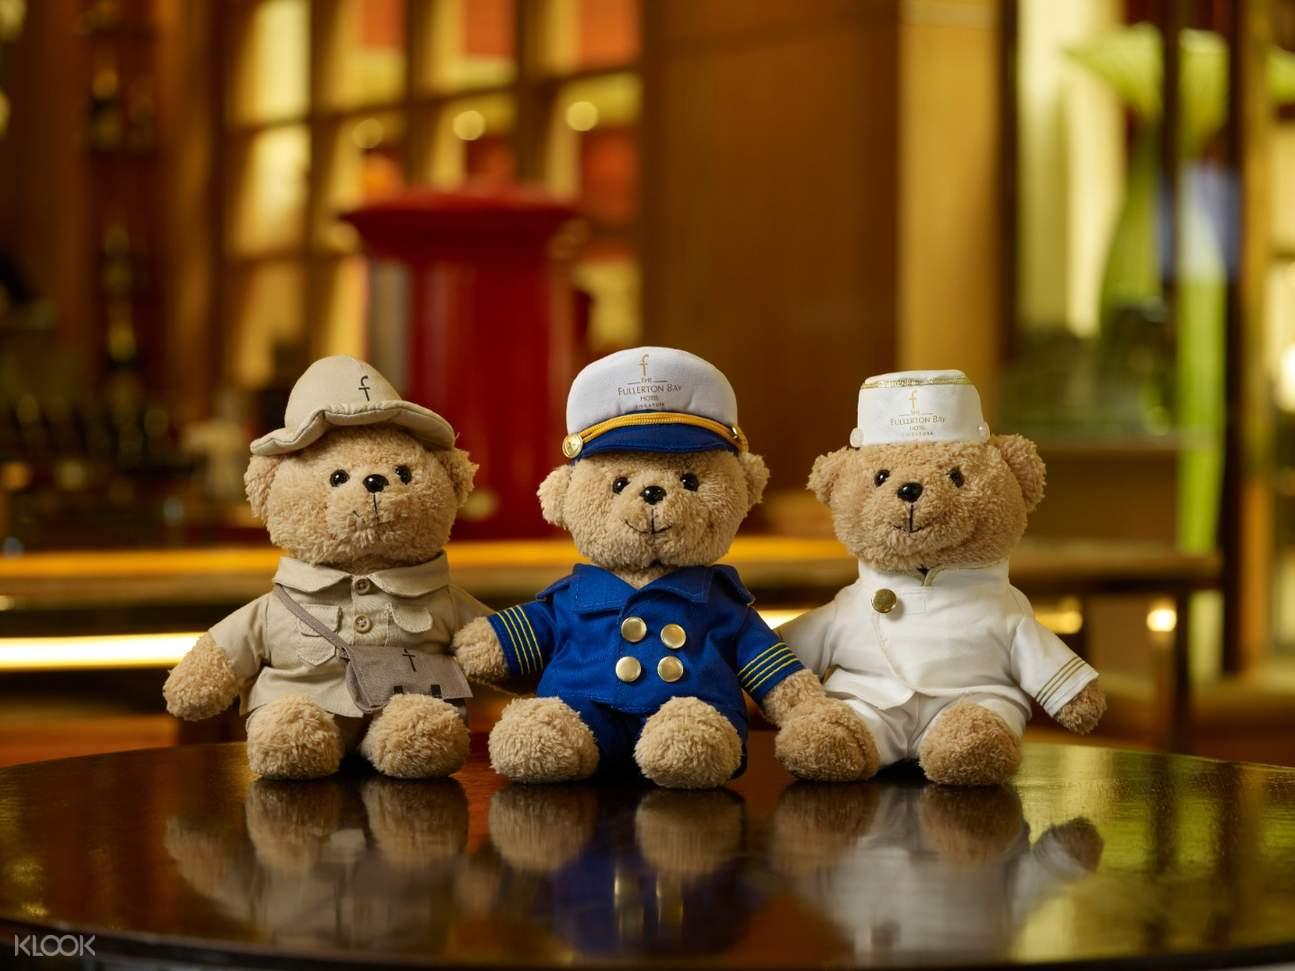 Fullerton Bears